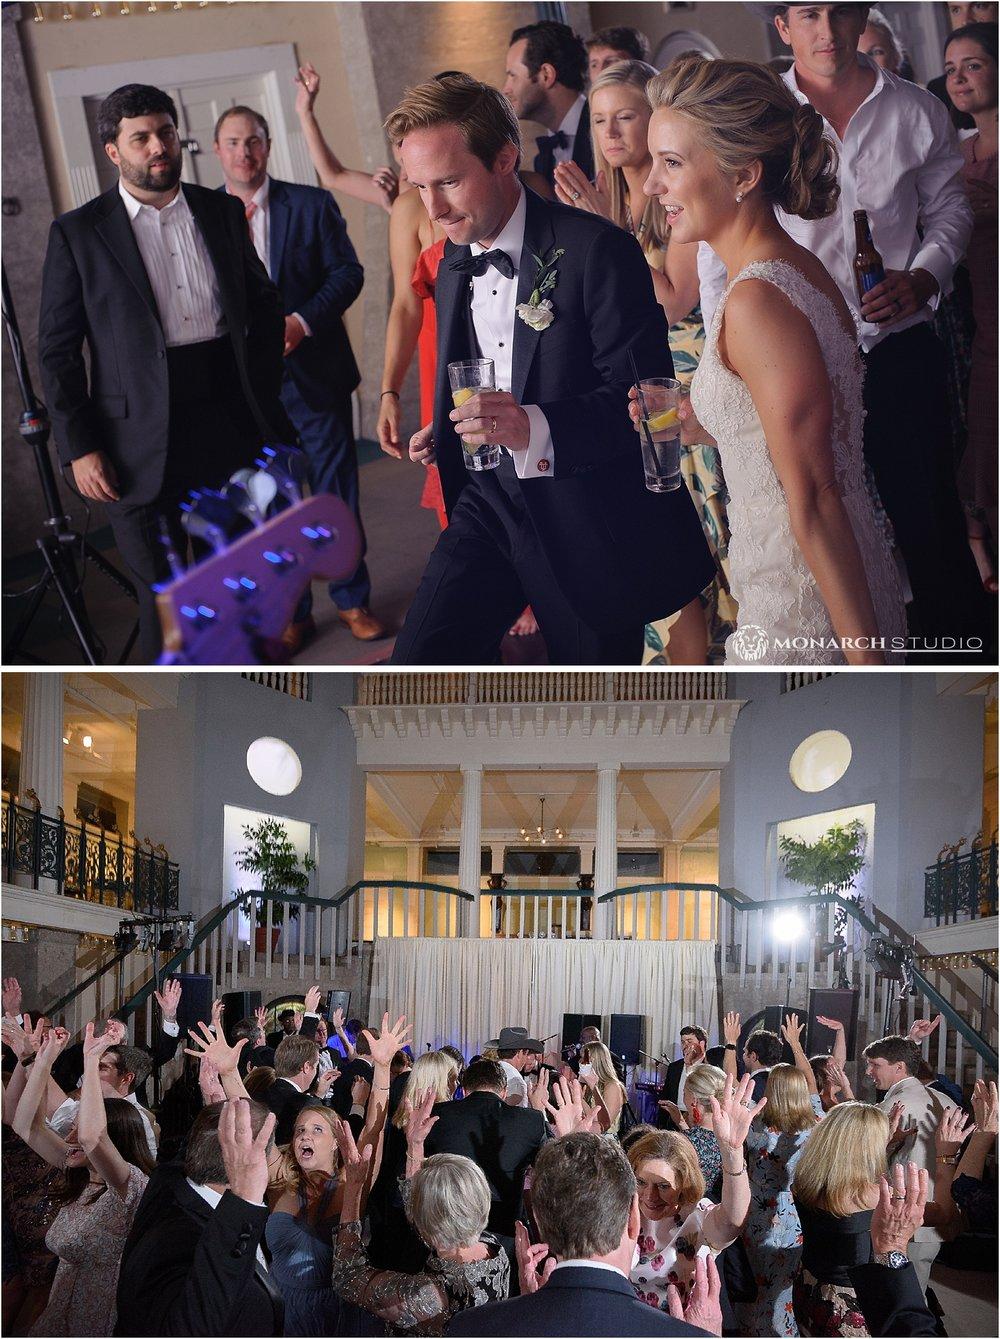 St-Augustine-Wedding-Photographer-Lightner-museum-096.jpg